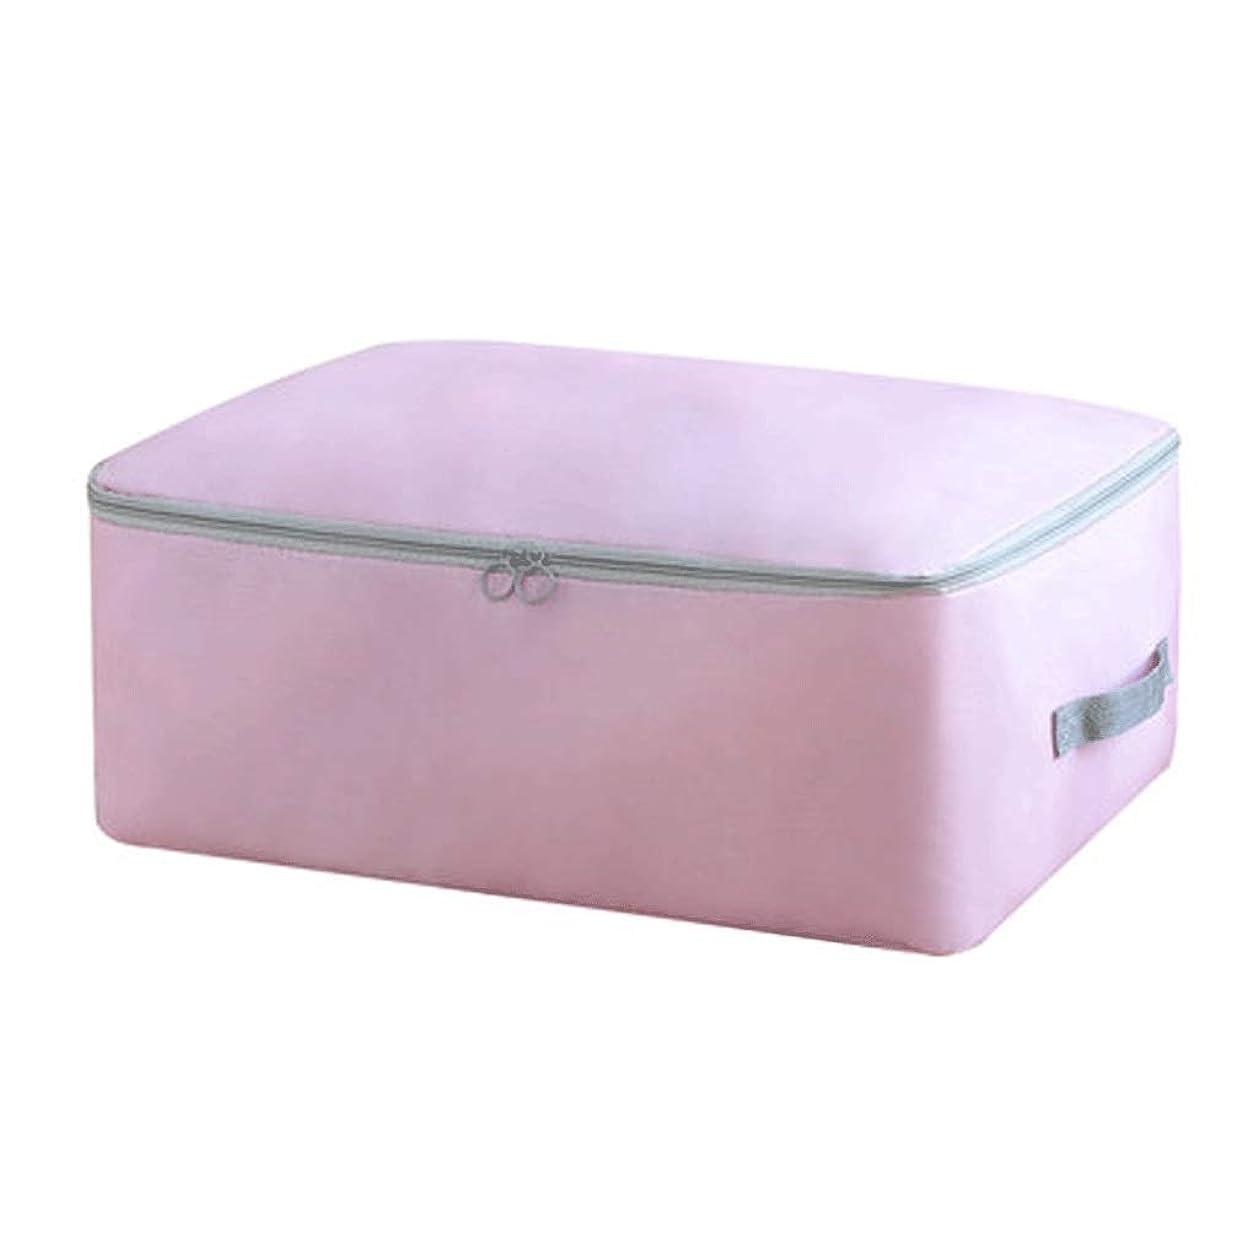 縫い目仮定ニックネーム防湿キルト収納袋衣類分類袋家庭用収納包装袋荷物パッケージ大収納袋折りたたみ収納袋 (色 : Light pink, サイズ さいず : Xxl:70*50*30cm)